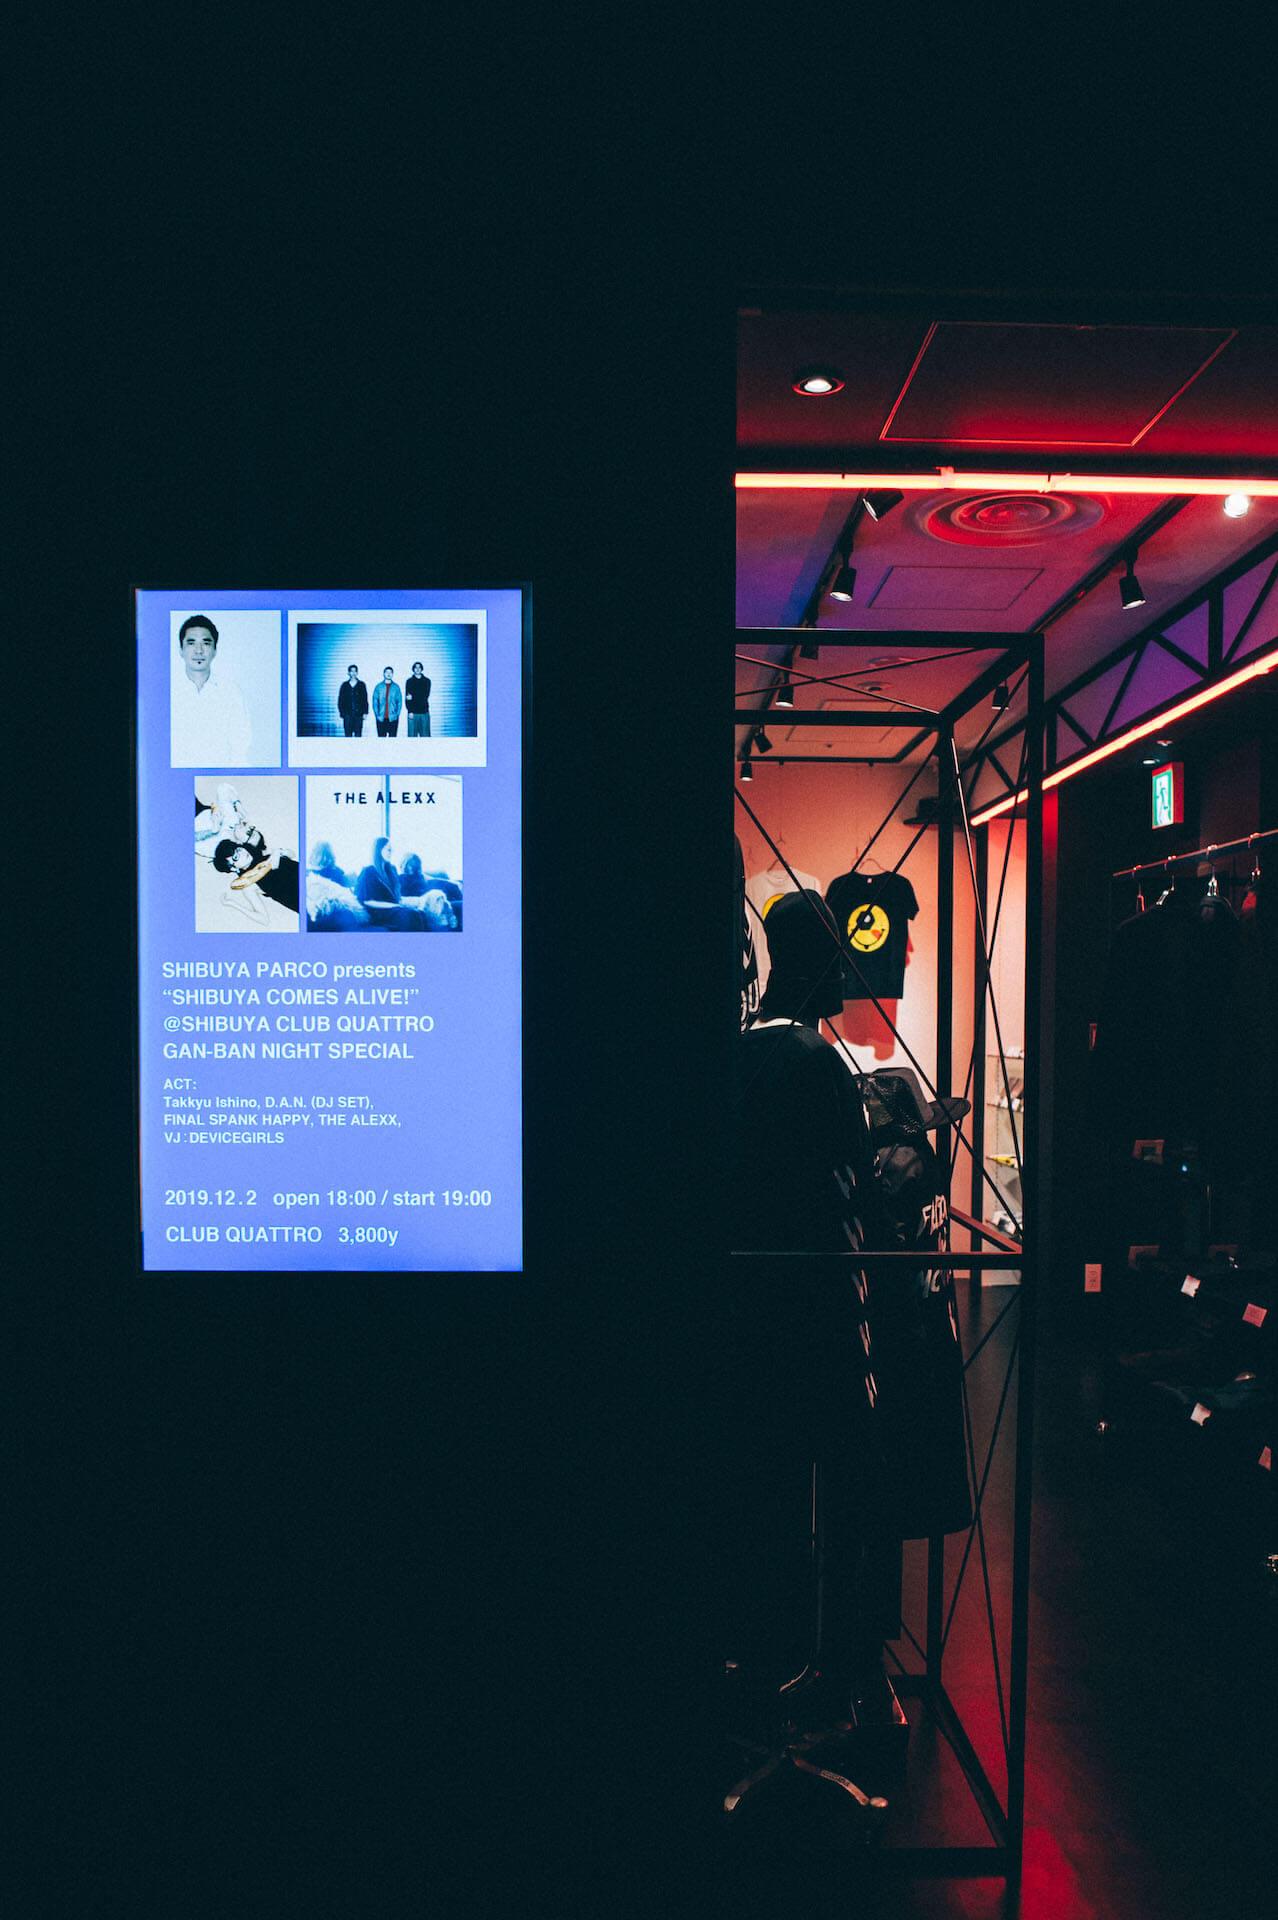 新生渋谷PARCOのカオスなフードエリア「CHAOS KITCHEN」注目の3店舗をピックアップ lfefashion-20191122-parco-7206